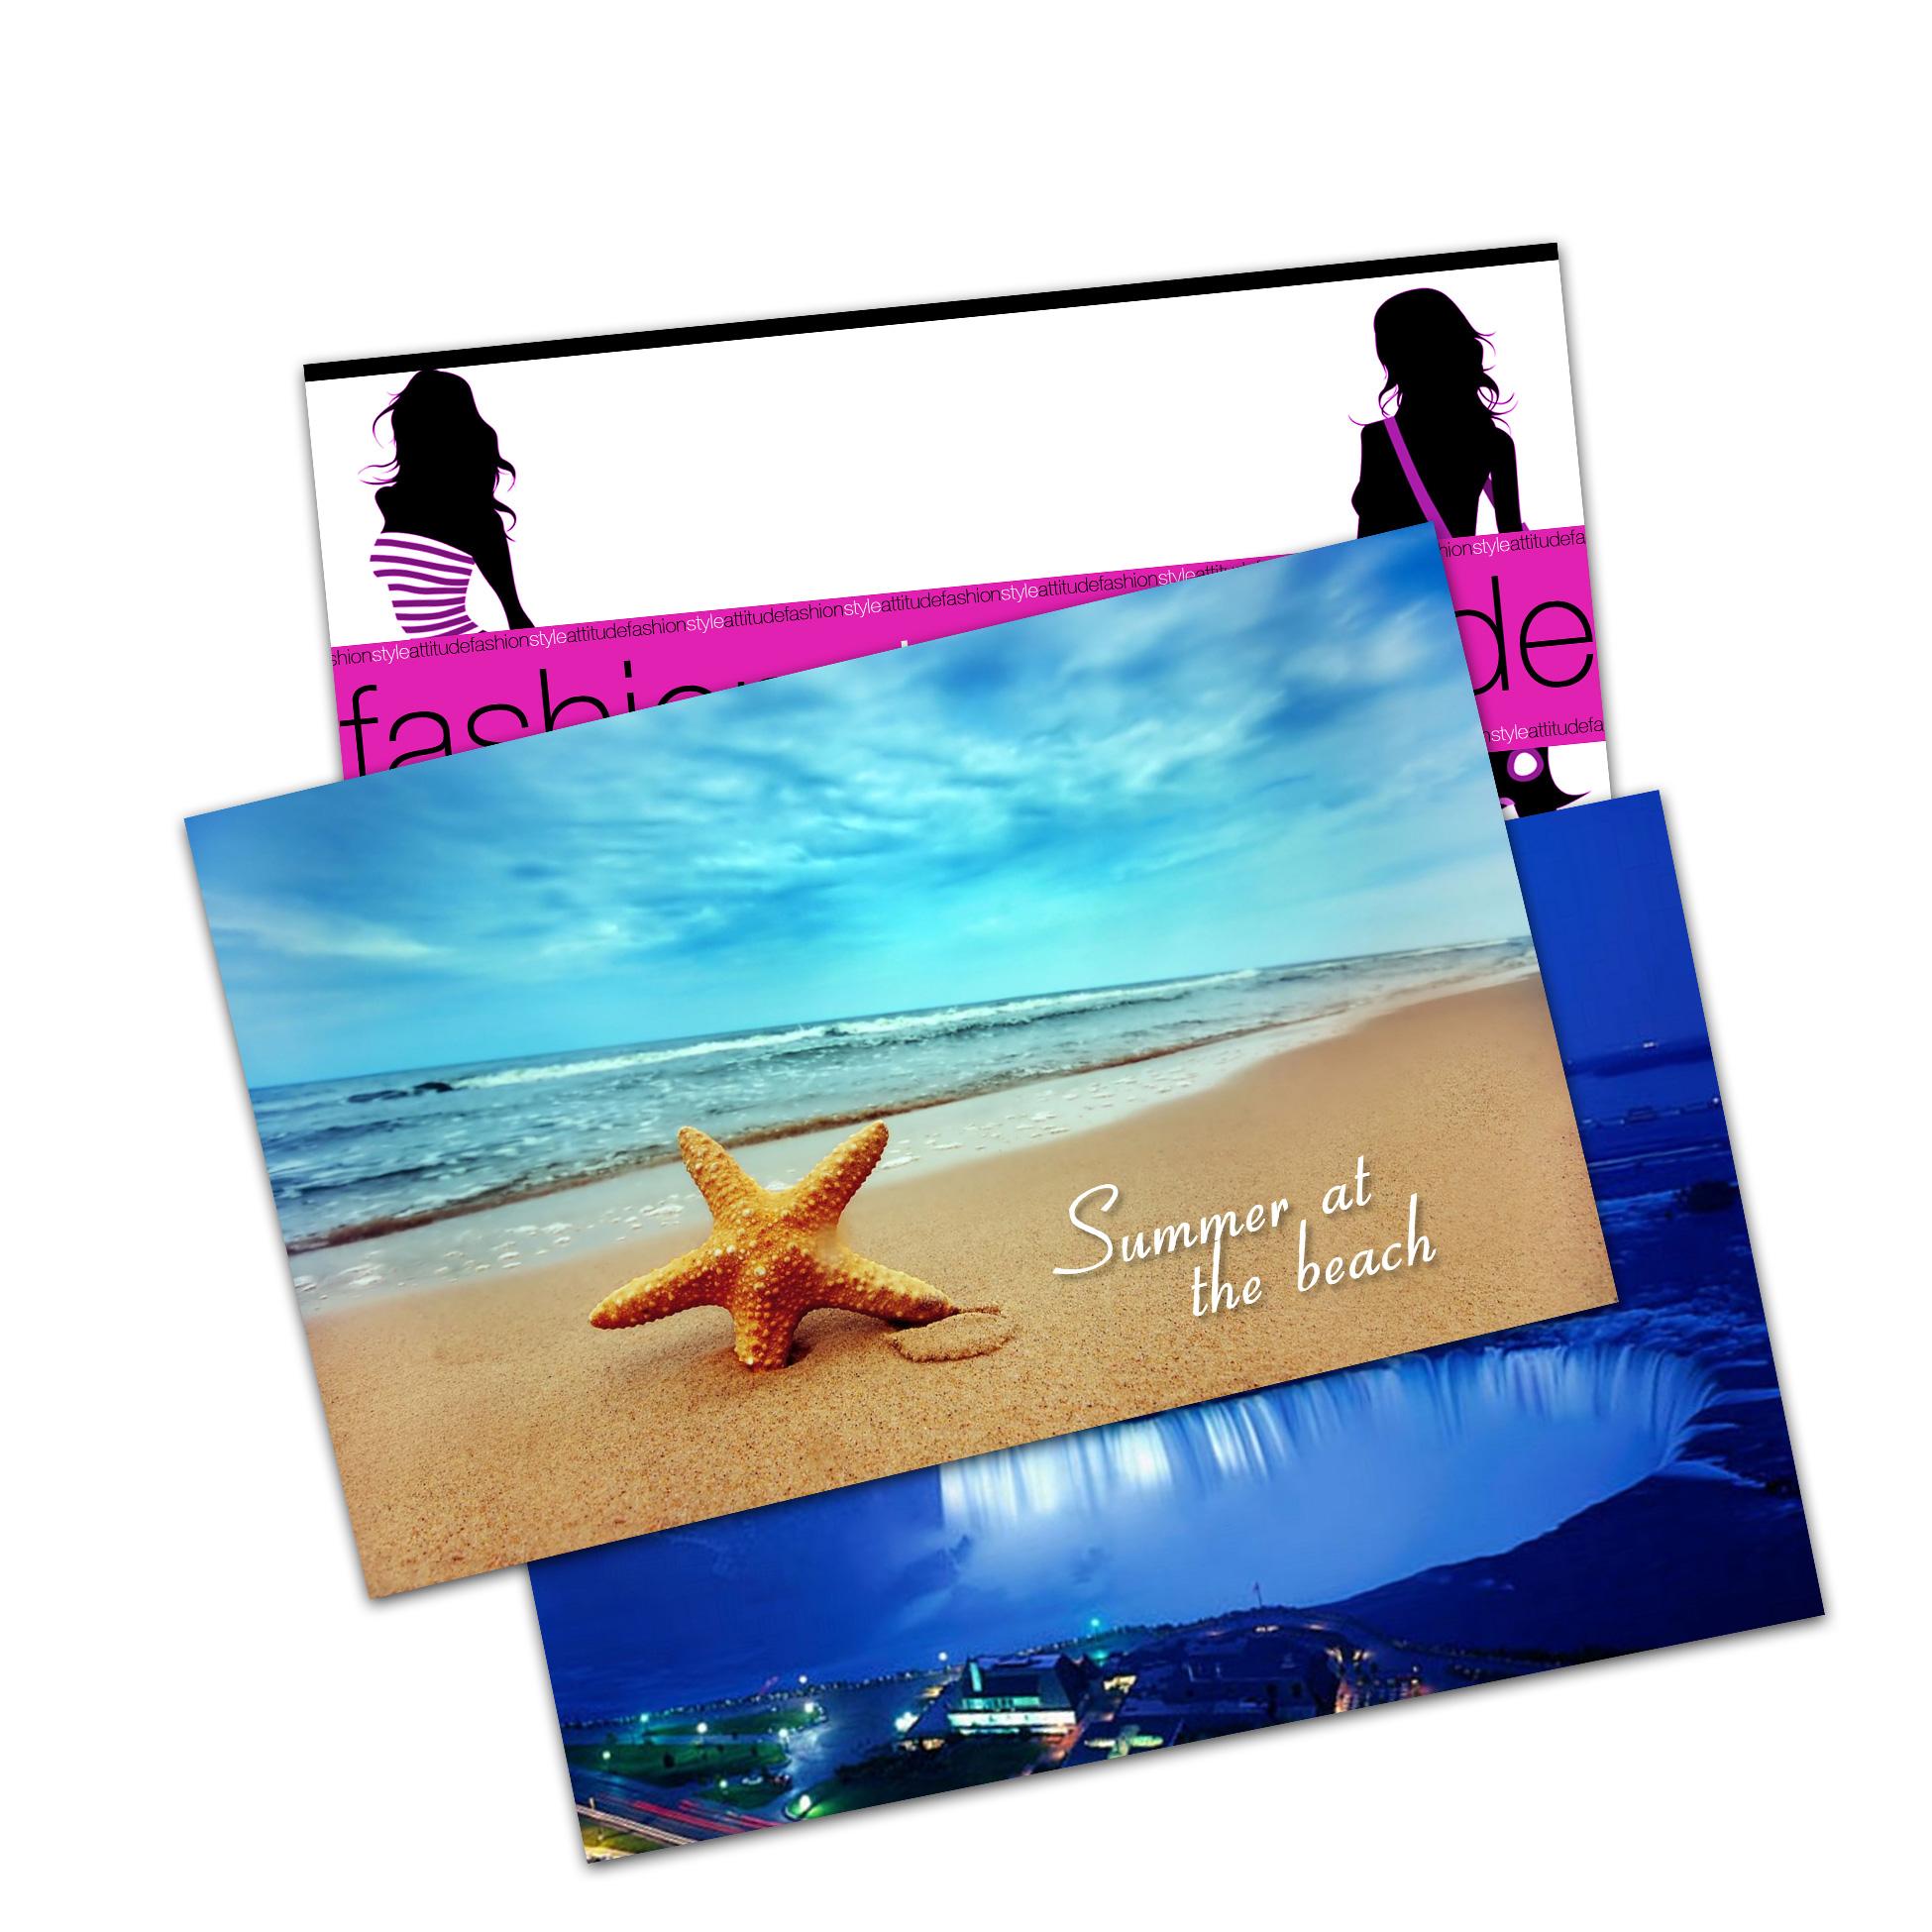 Postcards (Coated 2 sides) - Cartes Postales (couchées 2 côtés)